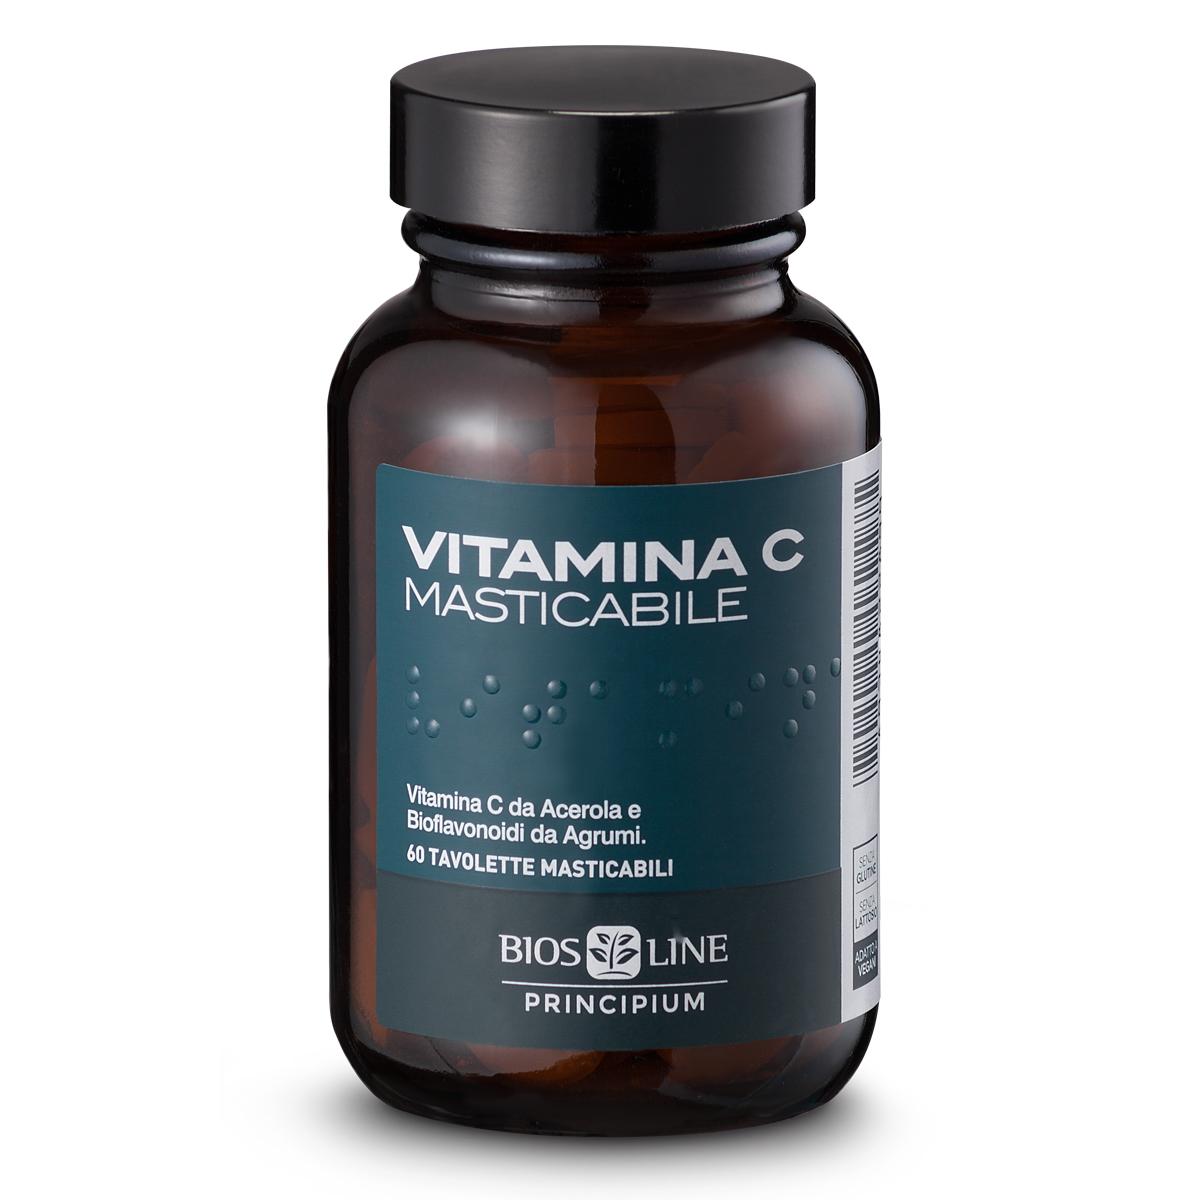 Vitamina C masticabile Principium Bios Line